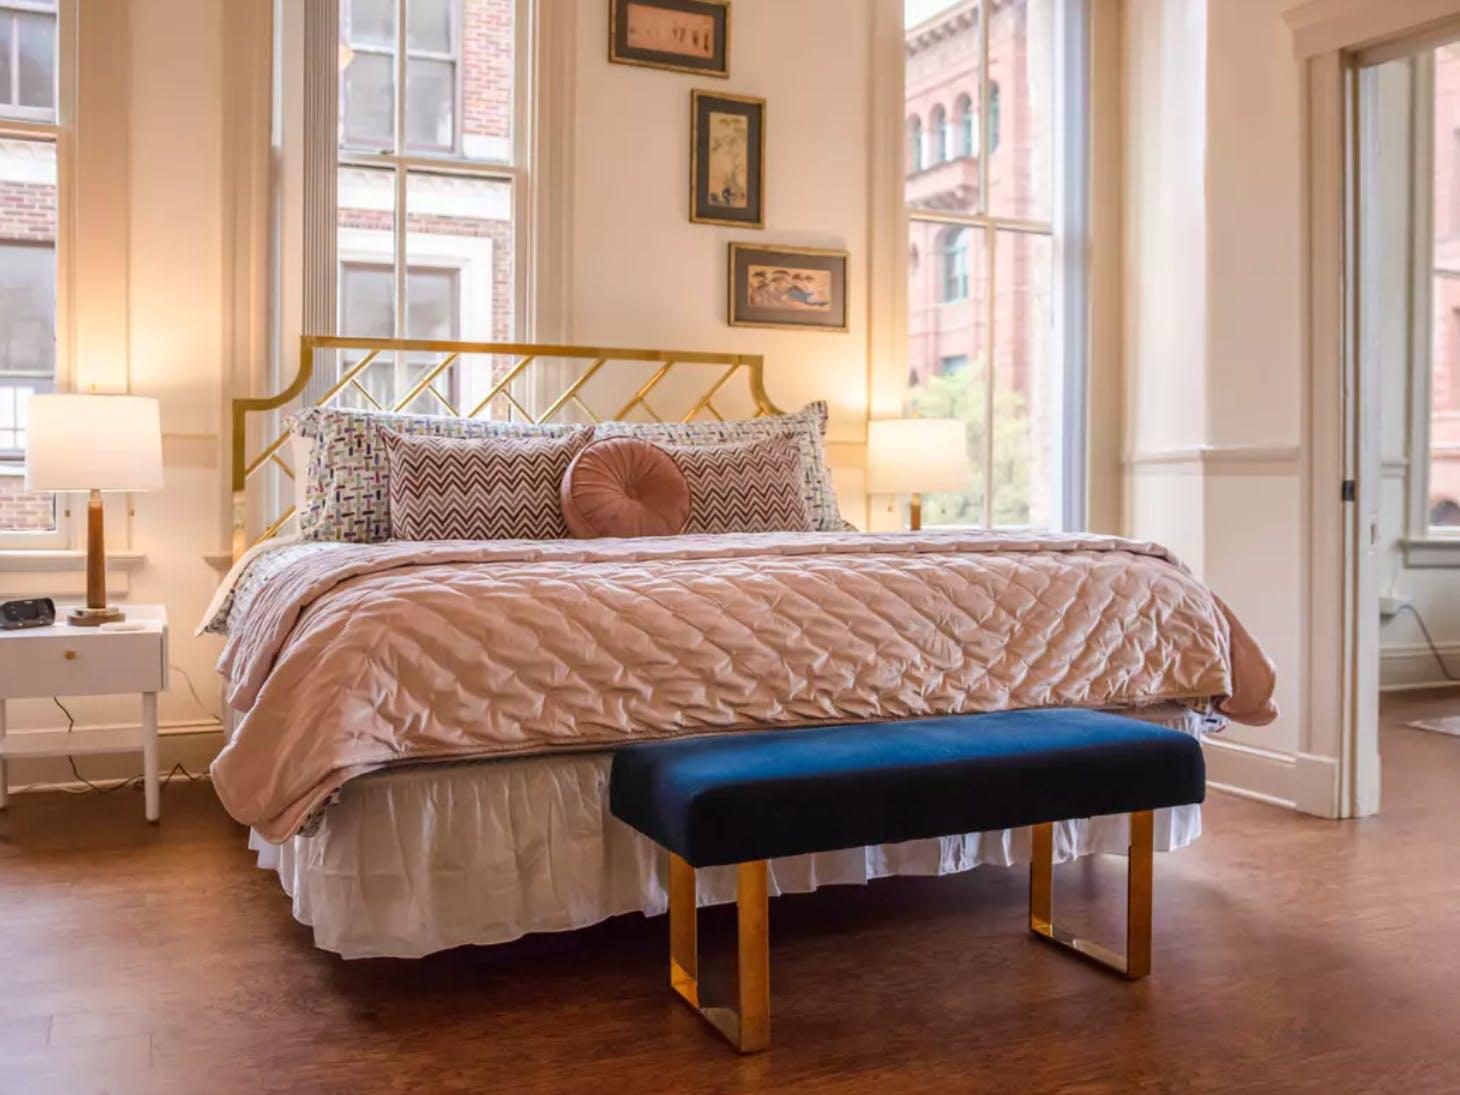 Artfully designed vacation rental bedroom